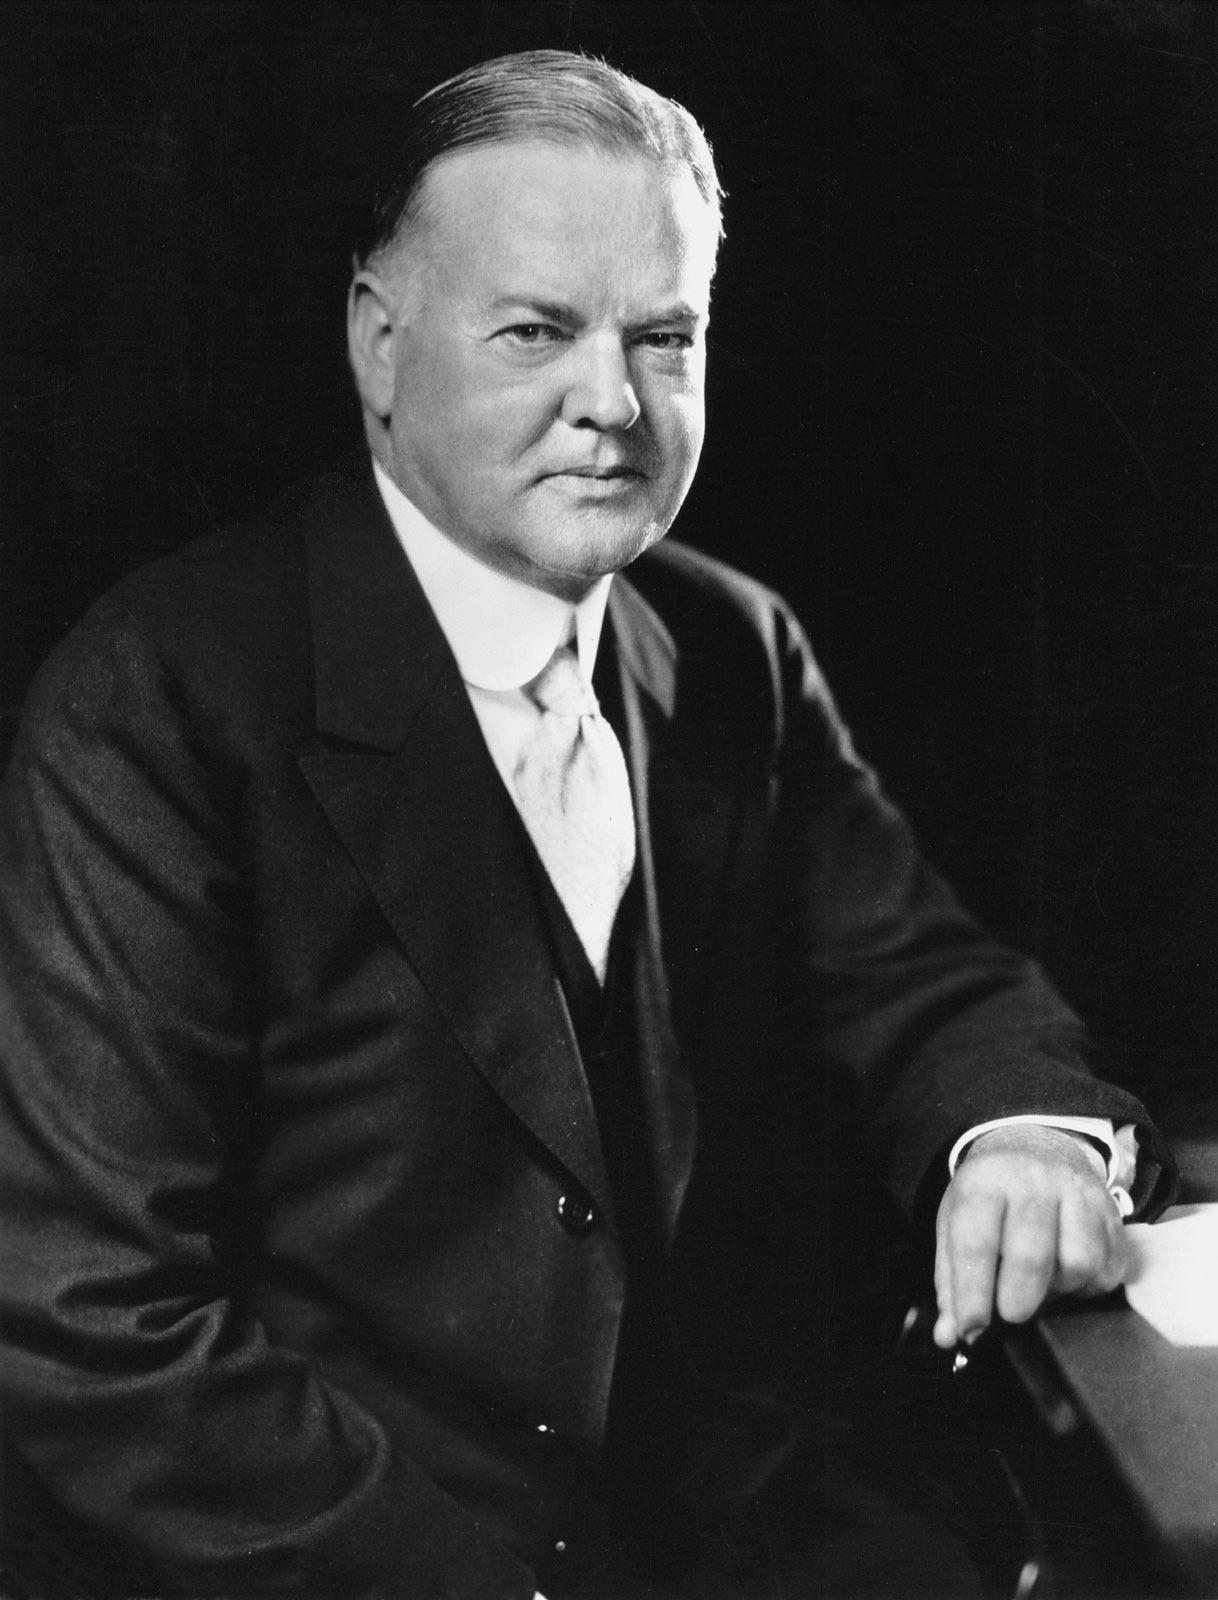 Portrait of Herbert Hoover